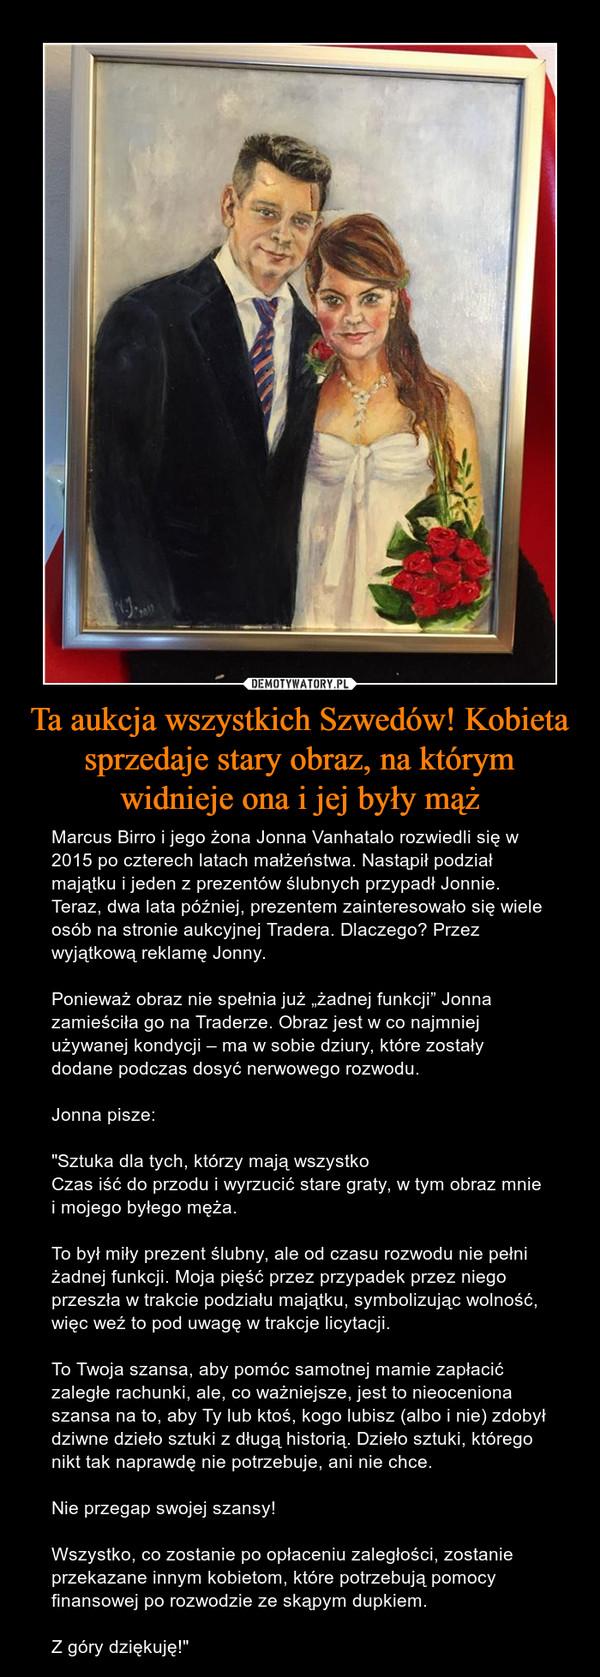 """Ta aukcja wszystkich Szwedów! Kobieta sprzedaje stary obraz, na którym widnieje ona i jej były mąż – Marcus Birro i jego żona Jonna Vanhatalo rozwiedli się w 2015 po czterech latach małżeństwa. Nastąpił podział majątku i jeden z prezentów ślubnych przypadł Jonnie. Teraz, dwa lata później, prezentem zainteresowało się wiele osób na stronie aukcyjnej Tradera. Dlaczego? Przez wyjątkową reklamę Jonny.Ponieważ obraz nie spełnia już """"żadnej funkcji"""" Jonna zamieściła go na Traderze. Obraz jest w co najmniej używanej kondycji – ma w sobie dziury, które zostały dodane podczas dosyć nerwowego rozwodu.Jonna pisze:""""Sztuka dla tych, którzy mają wszystkoCzas iść do przodu i wyrzucić stare graty, w tym obraz mnie i mojego byłego męża.To był miły prezent ślubny, ale od czasu rozwodu nie pełni żadnej funkcji. Moja pięść przez przypadek przez niego przeszła w trakcie podziału majątku, symbolizując wolność, więc weź to pod uwagę w trakcje licytacji.To Twoja szansa, aby pomóc samotnej mamie zapłacić zaległe rachunki, ale, co ważniejsze, jest to nieoceniona szansa na to, aby Ty lub ktoś, kogo lubisz (albo i nie) zdobył dziwne dzieło sztuki z długą historią. Dzieło sztuki, którego nikt tak naprawdę nie potrzebuje, ani nie chce.Nie przegap swojej szansy!Wszystko, co zostanie po opłaceniu zaległości, zostanie przekazane innym kobietom, które potrzebują pomocy finansowej po rozwodzie ze skąpym dupkiem.Z góry dziękuję!"""""""